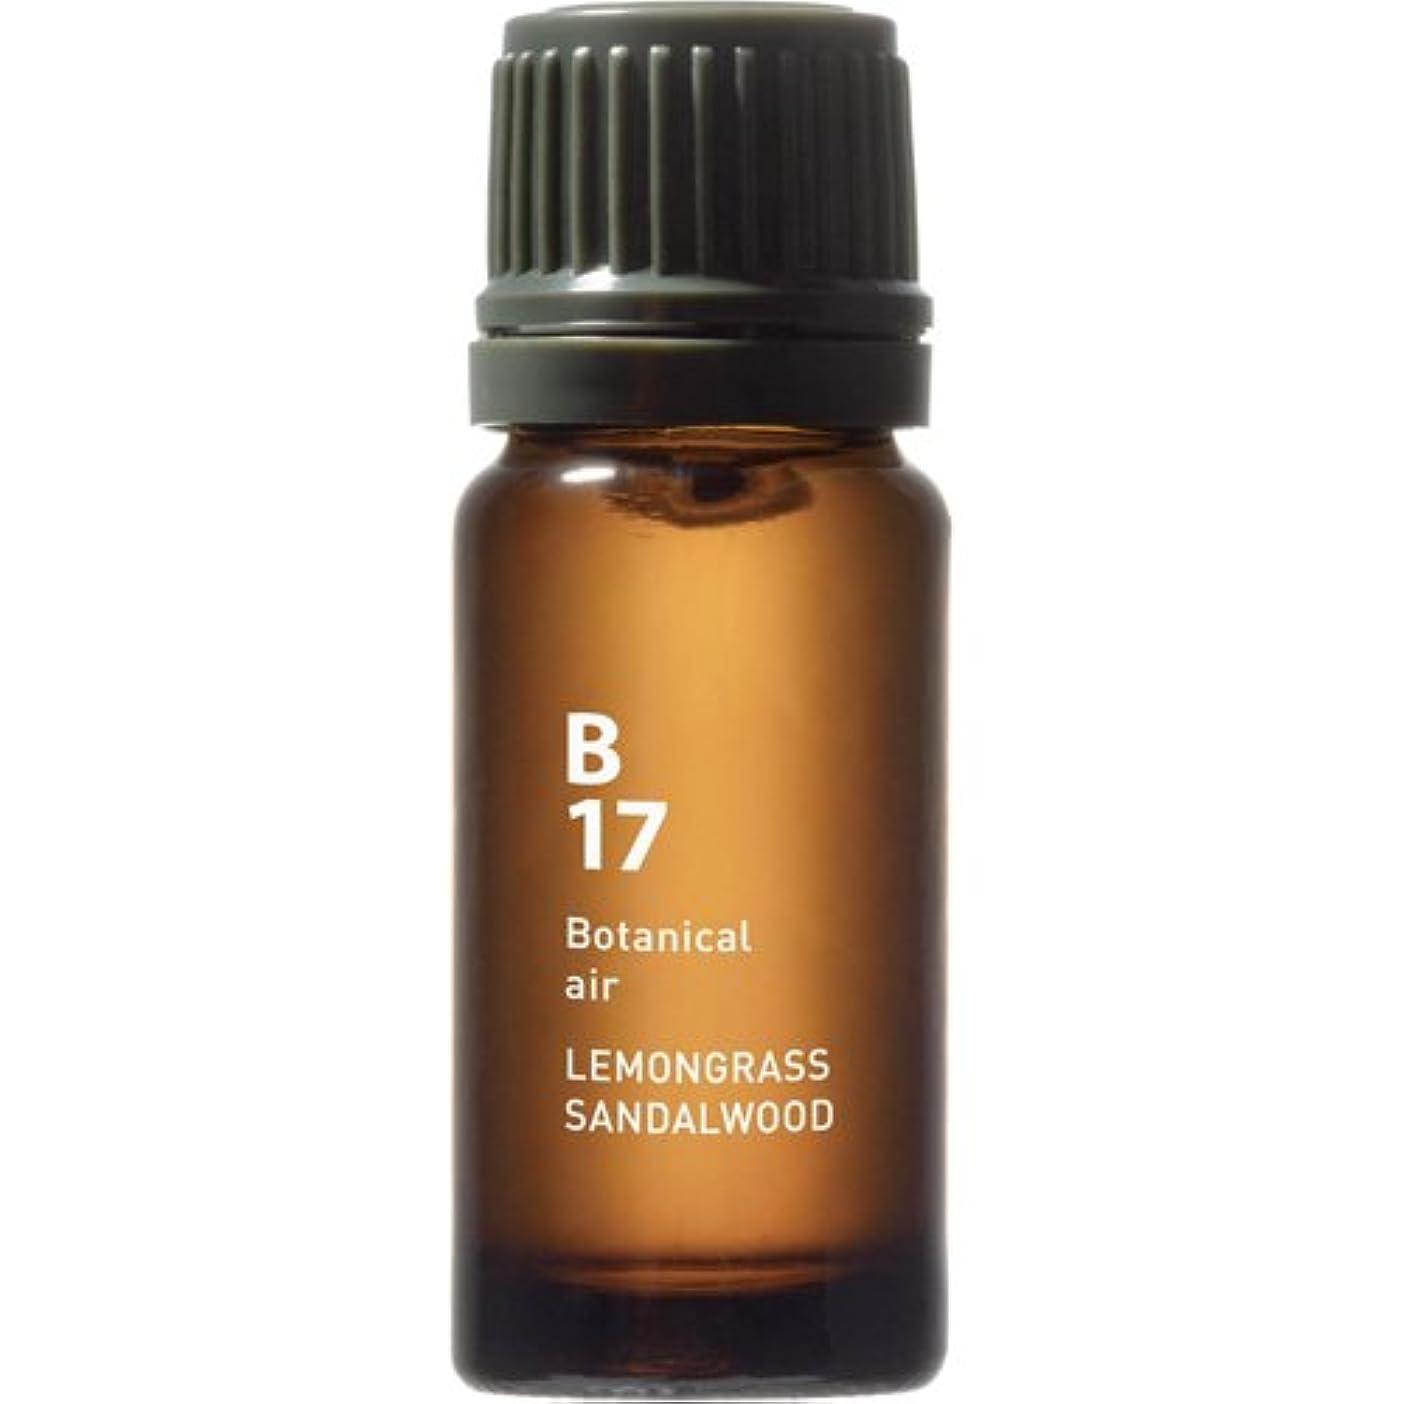 時刻表感動する太字B17 レモングラスサンダルウッド Botanical air(ボタニカルエアー) 10ml